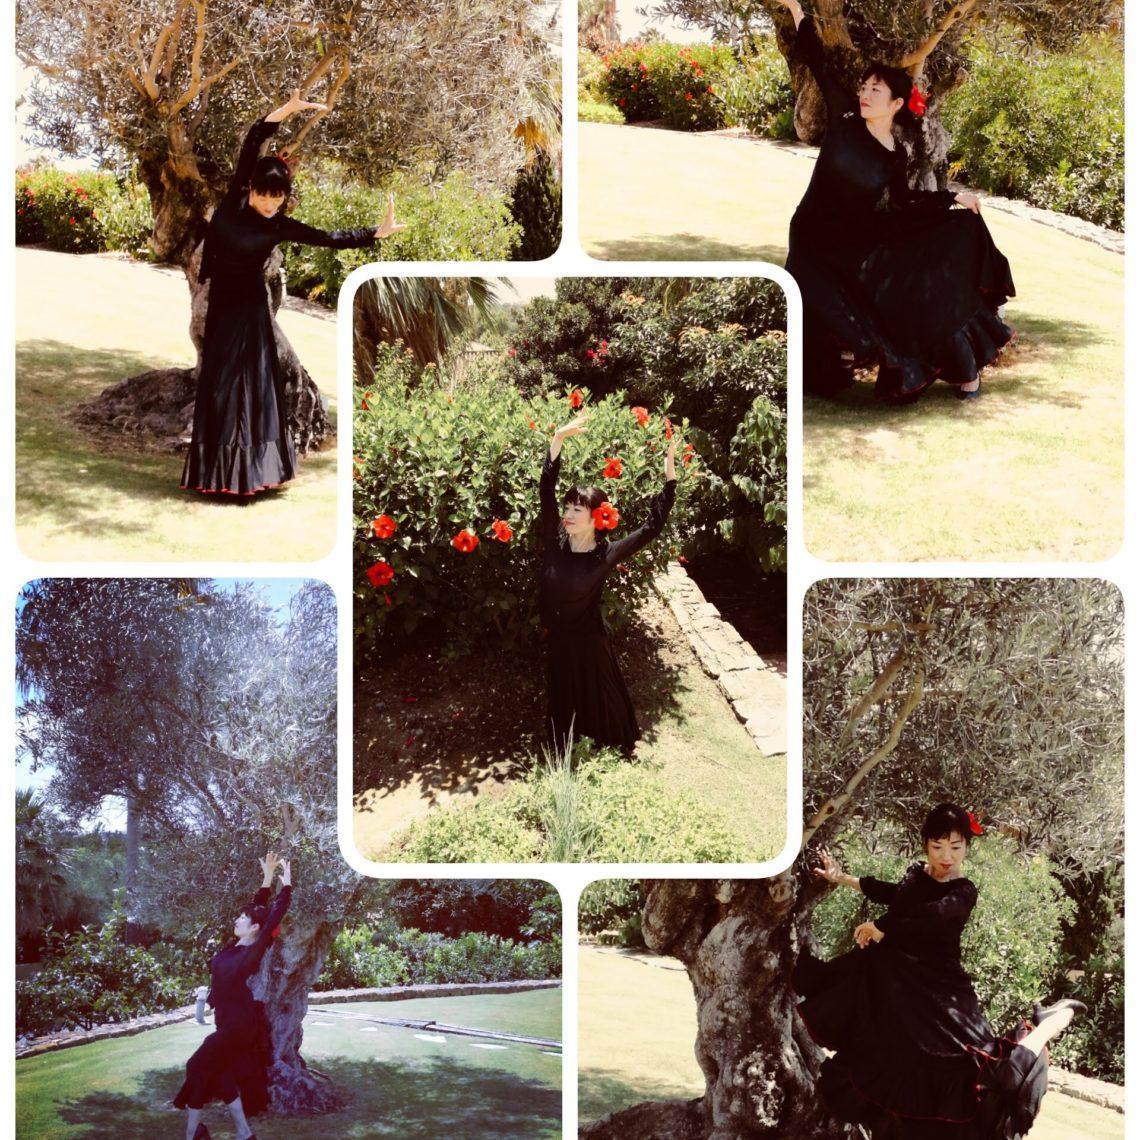 オリーブの木の下で踊る中村明日香 I danced under the olive tree